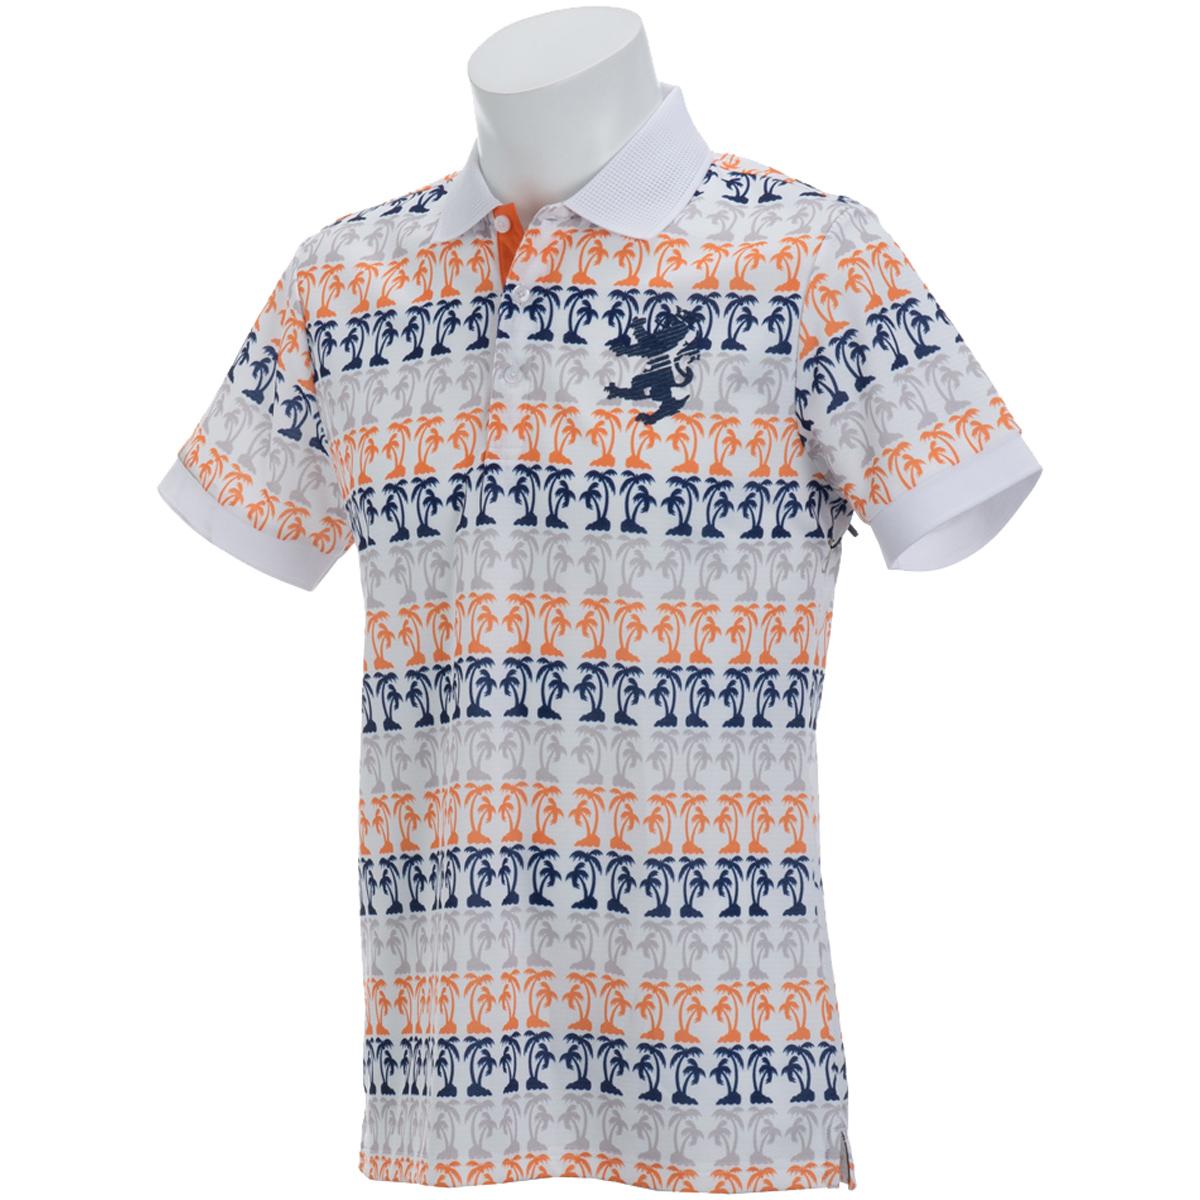 ヤシの木ボーダー 半袖ポロシャツ